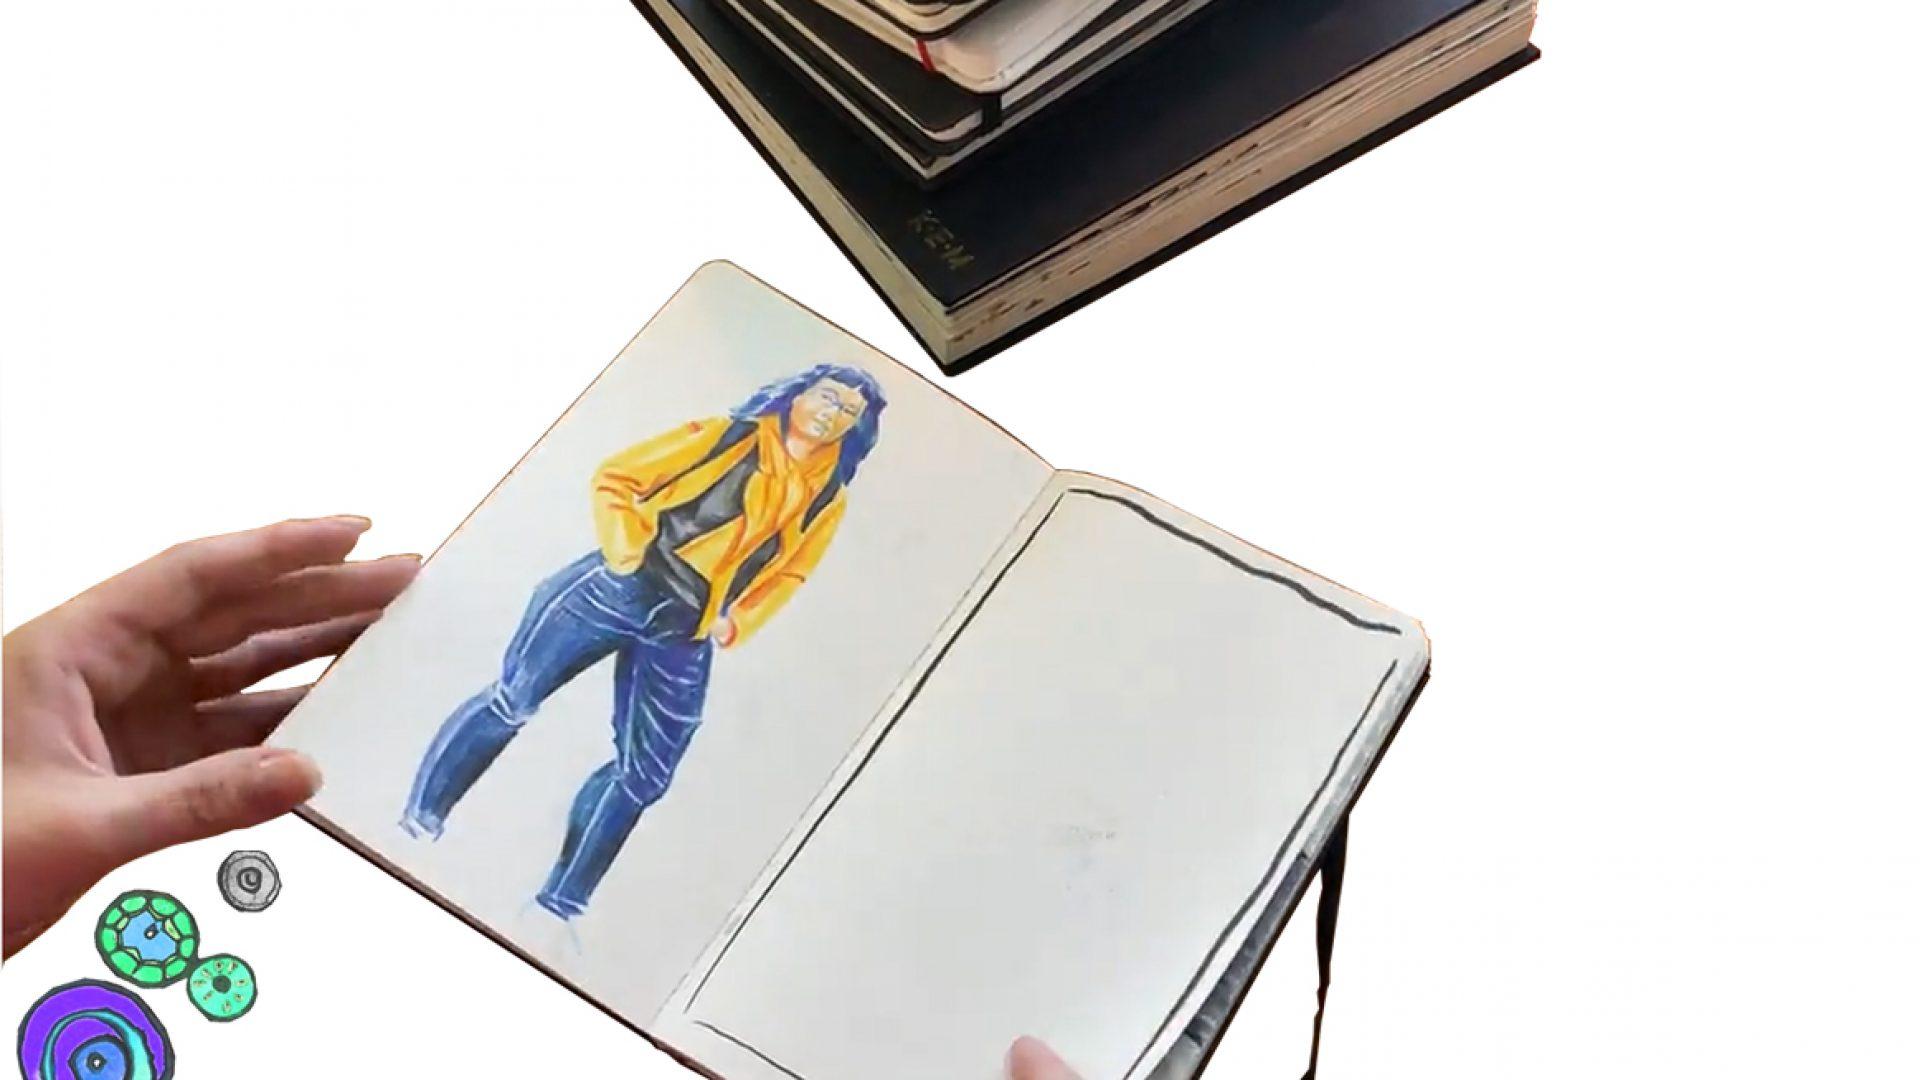 Hånd som holder en skissebok.